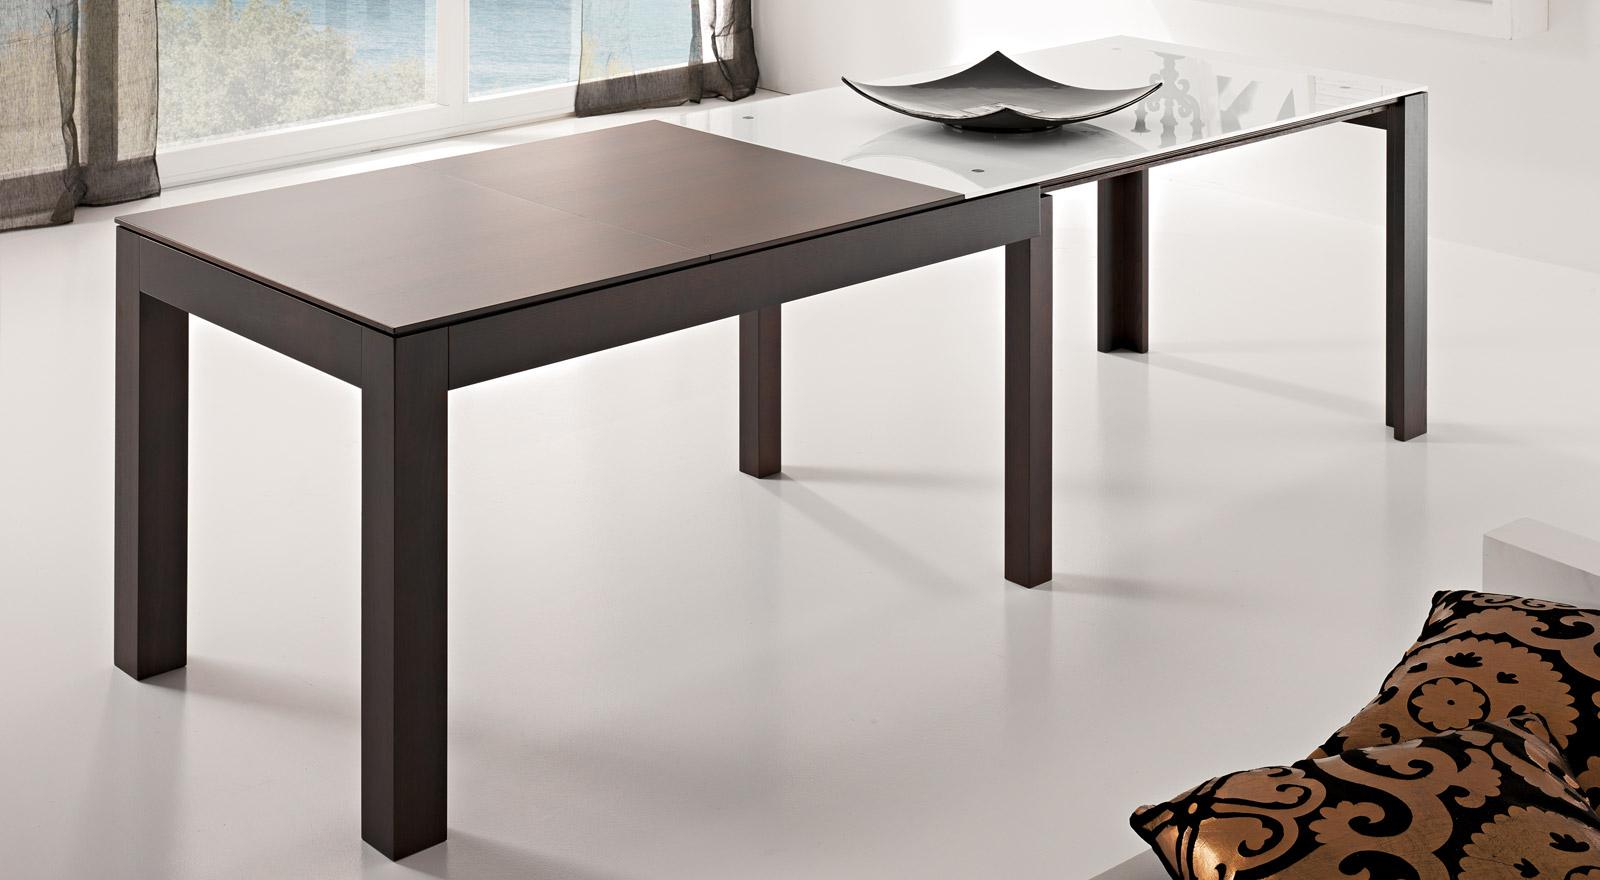 Mercatone Uno Tavoli Da Cucina - Home Design E Interior Ideas ...